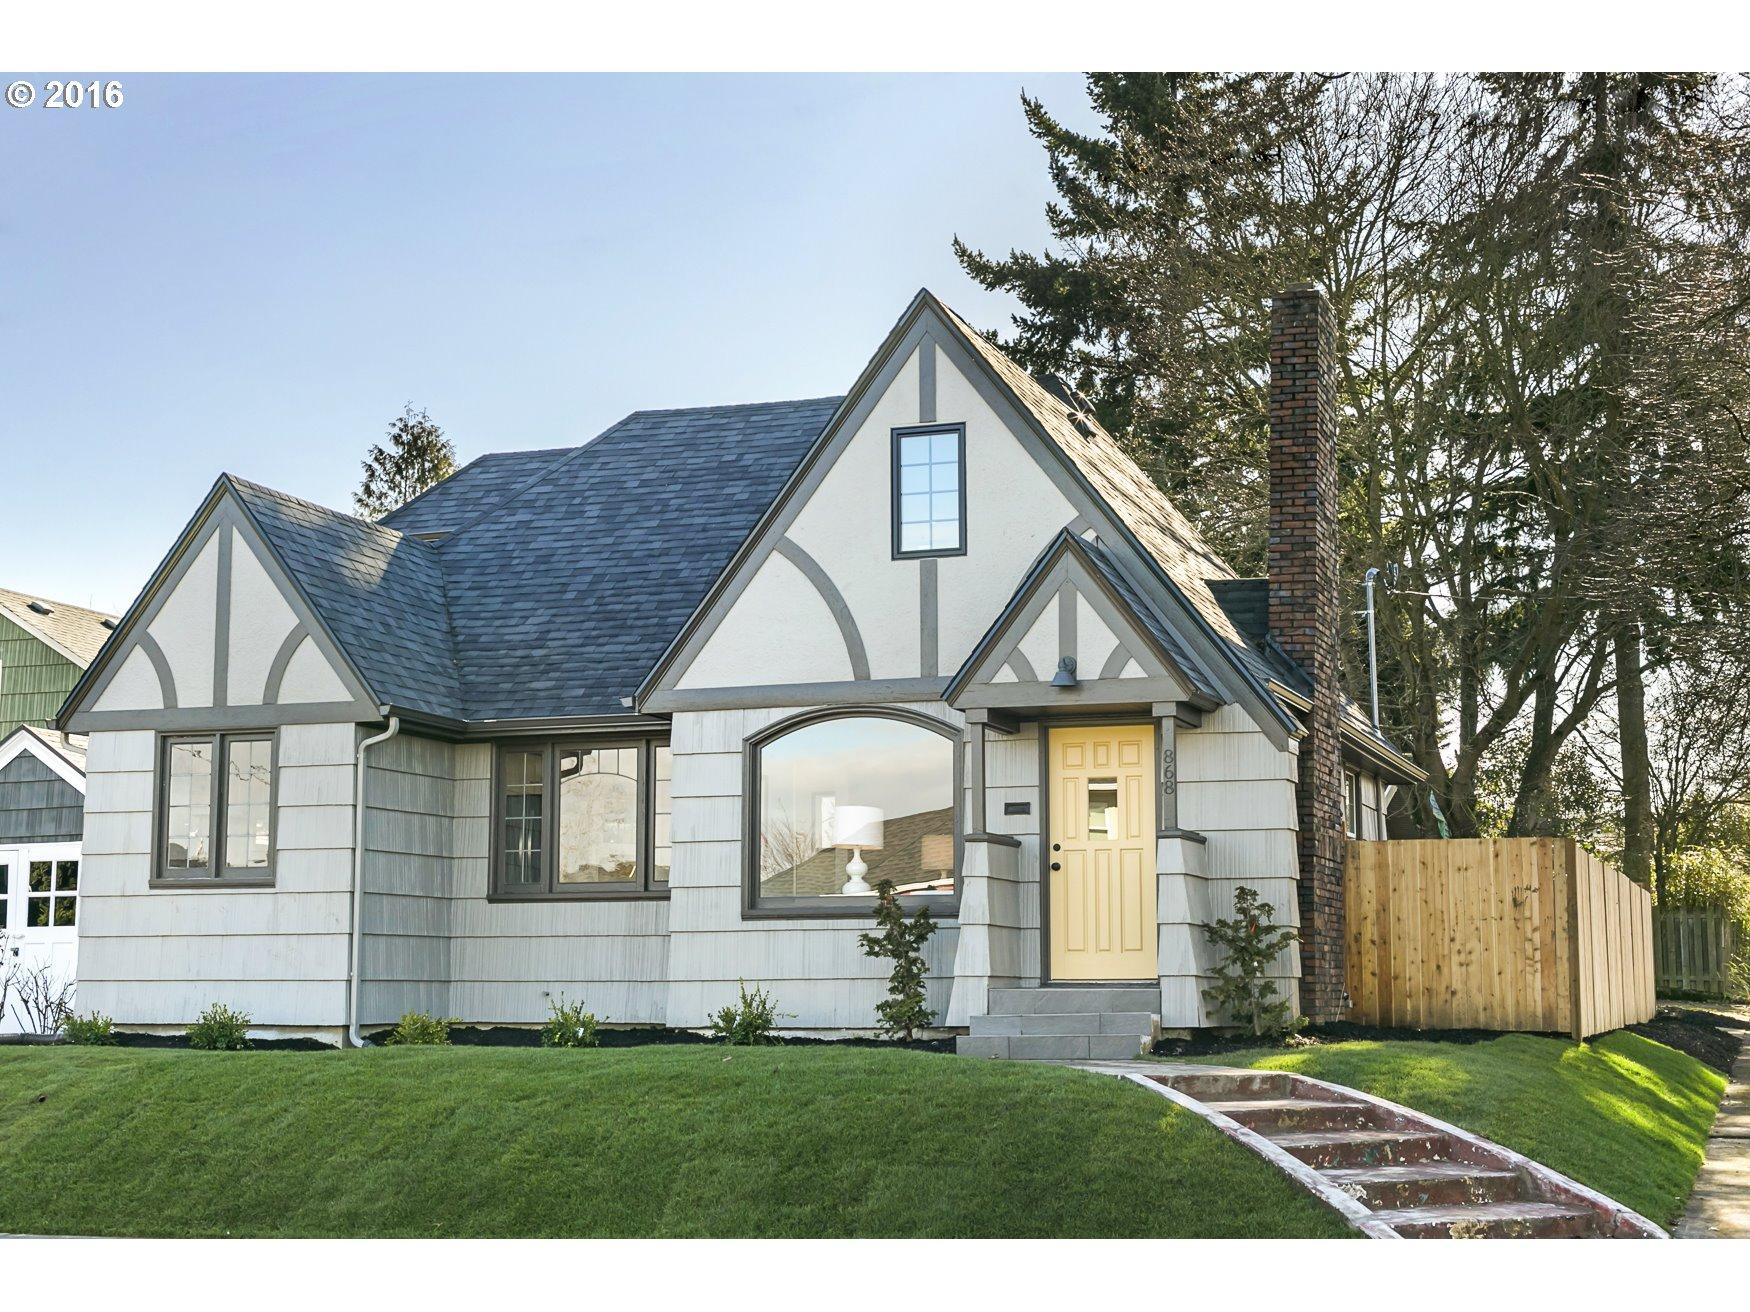 868 N Morgan St, Portland, OR